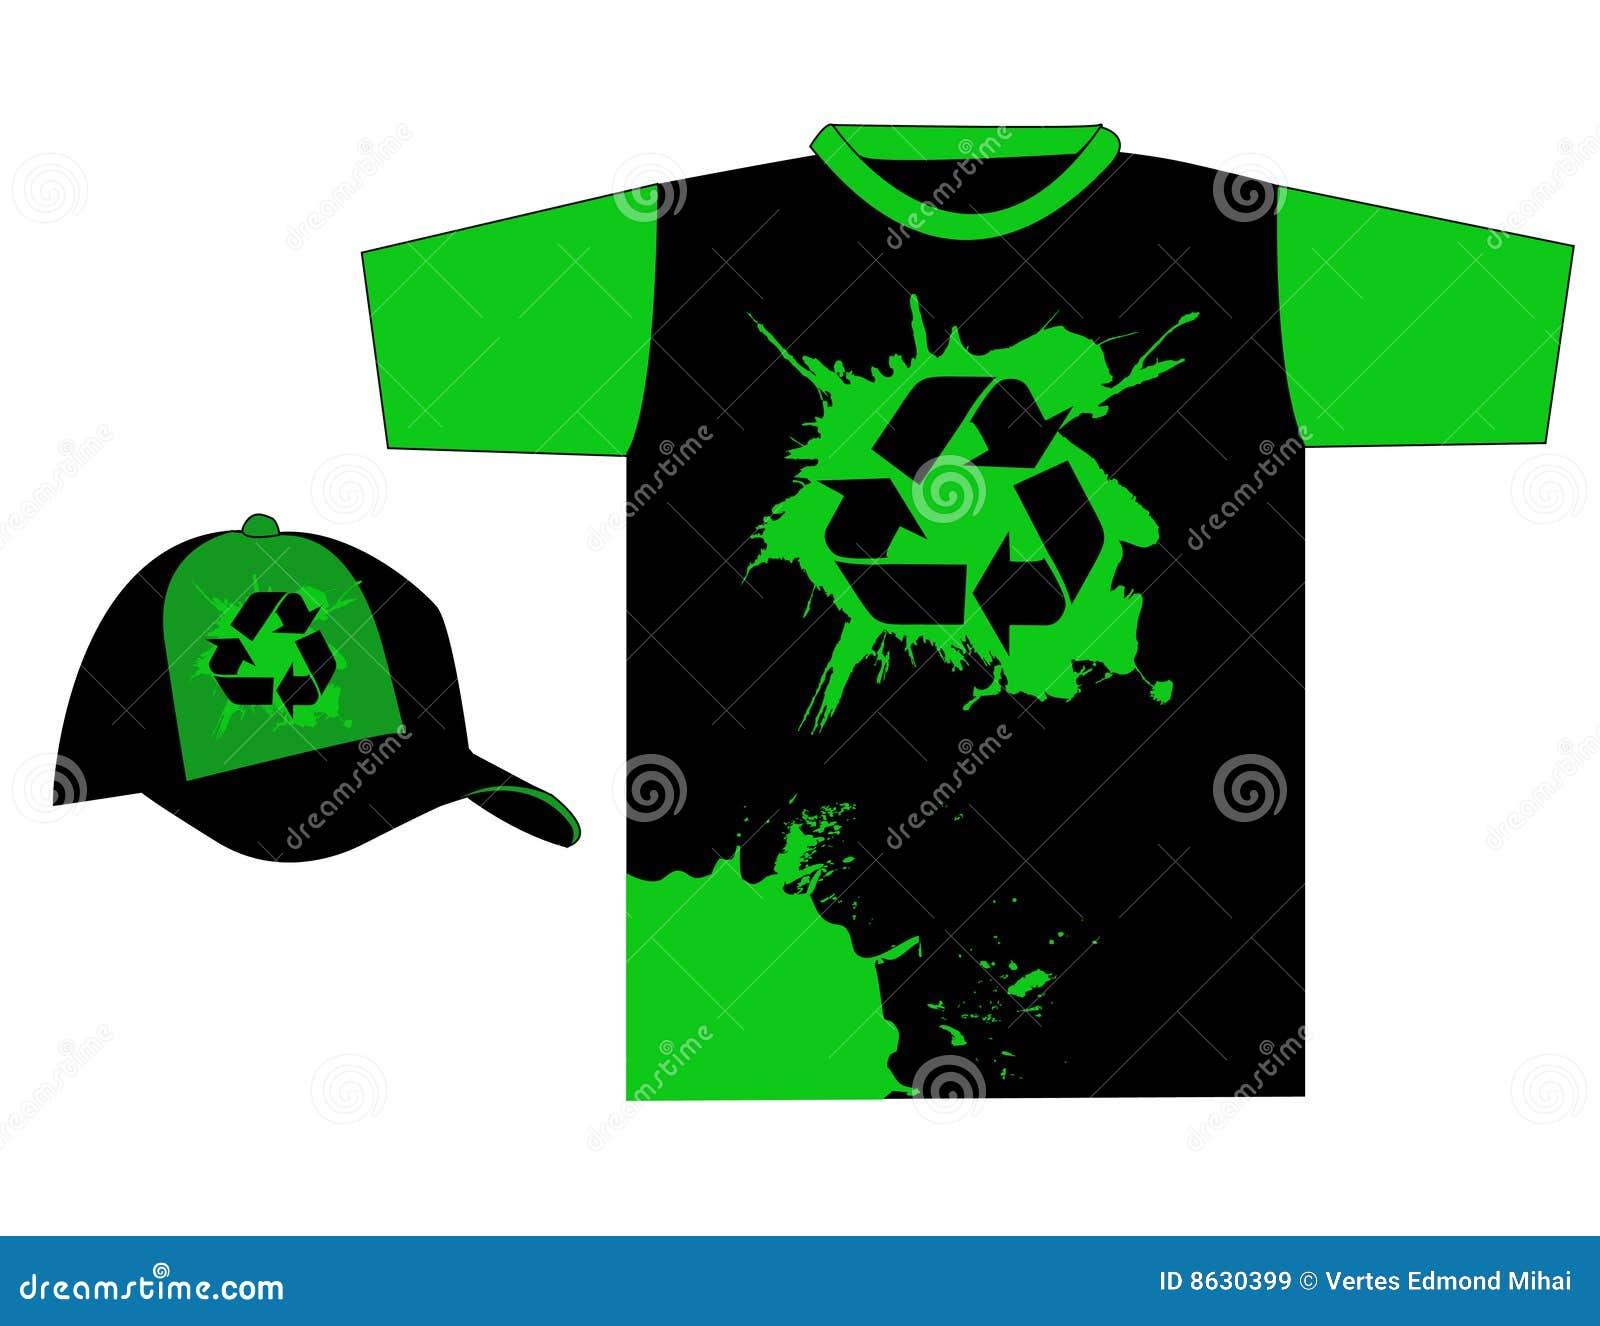 Design t shirt maker free - Design Shirt T